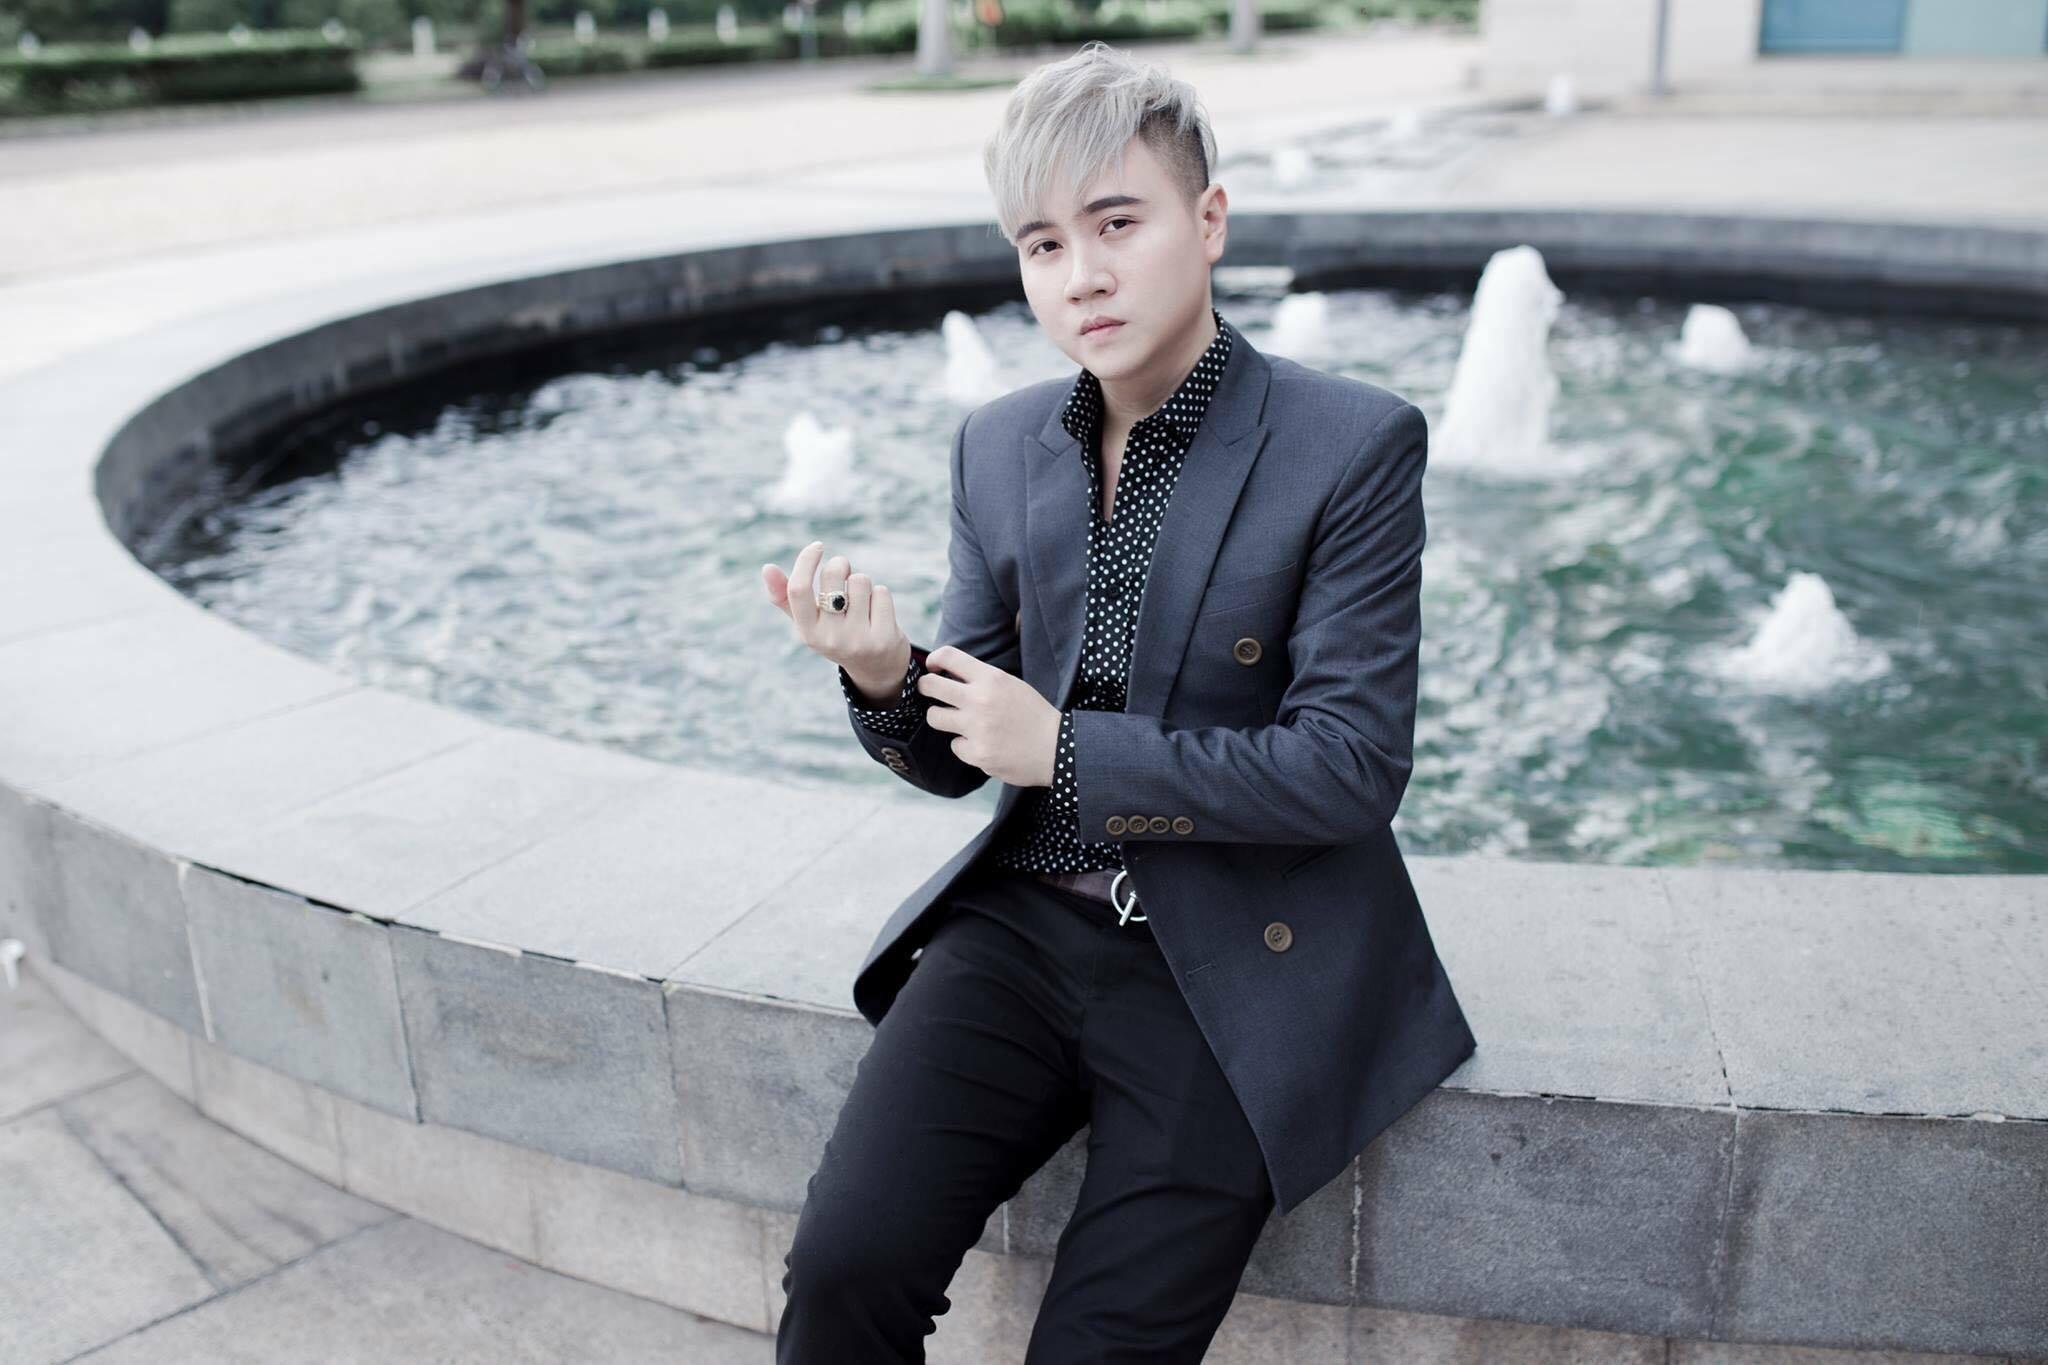 Nhạc sĩ Vương Anh Tú - anh cũng là em trai của nhạc sĩ Mr Siro đình đám với những ca khúc đầy chất tự sự và tình cảm